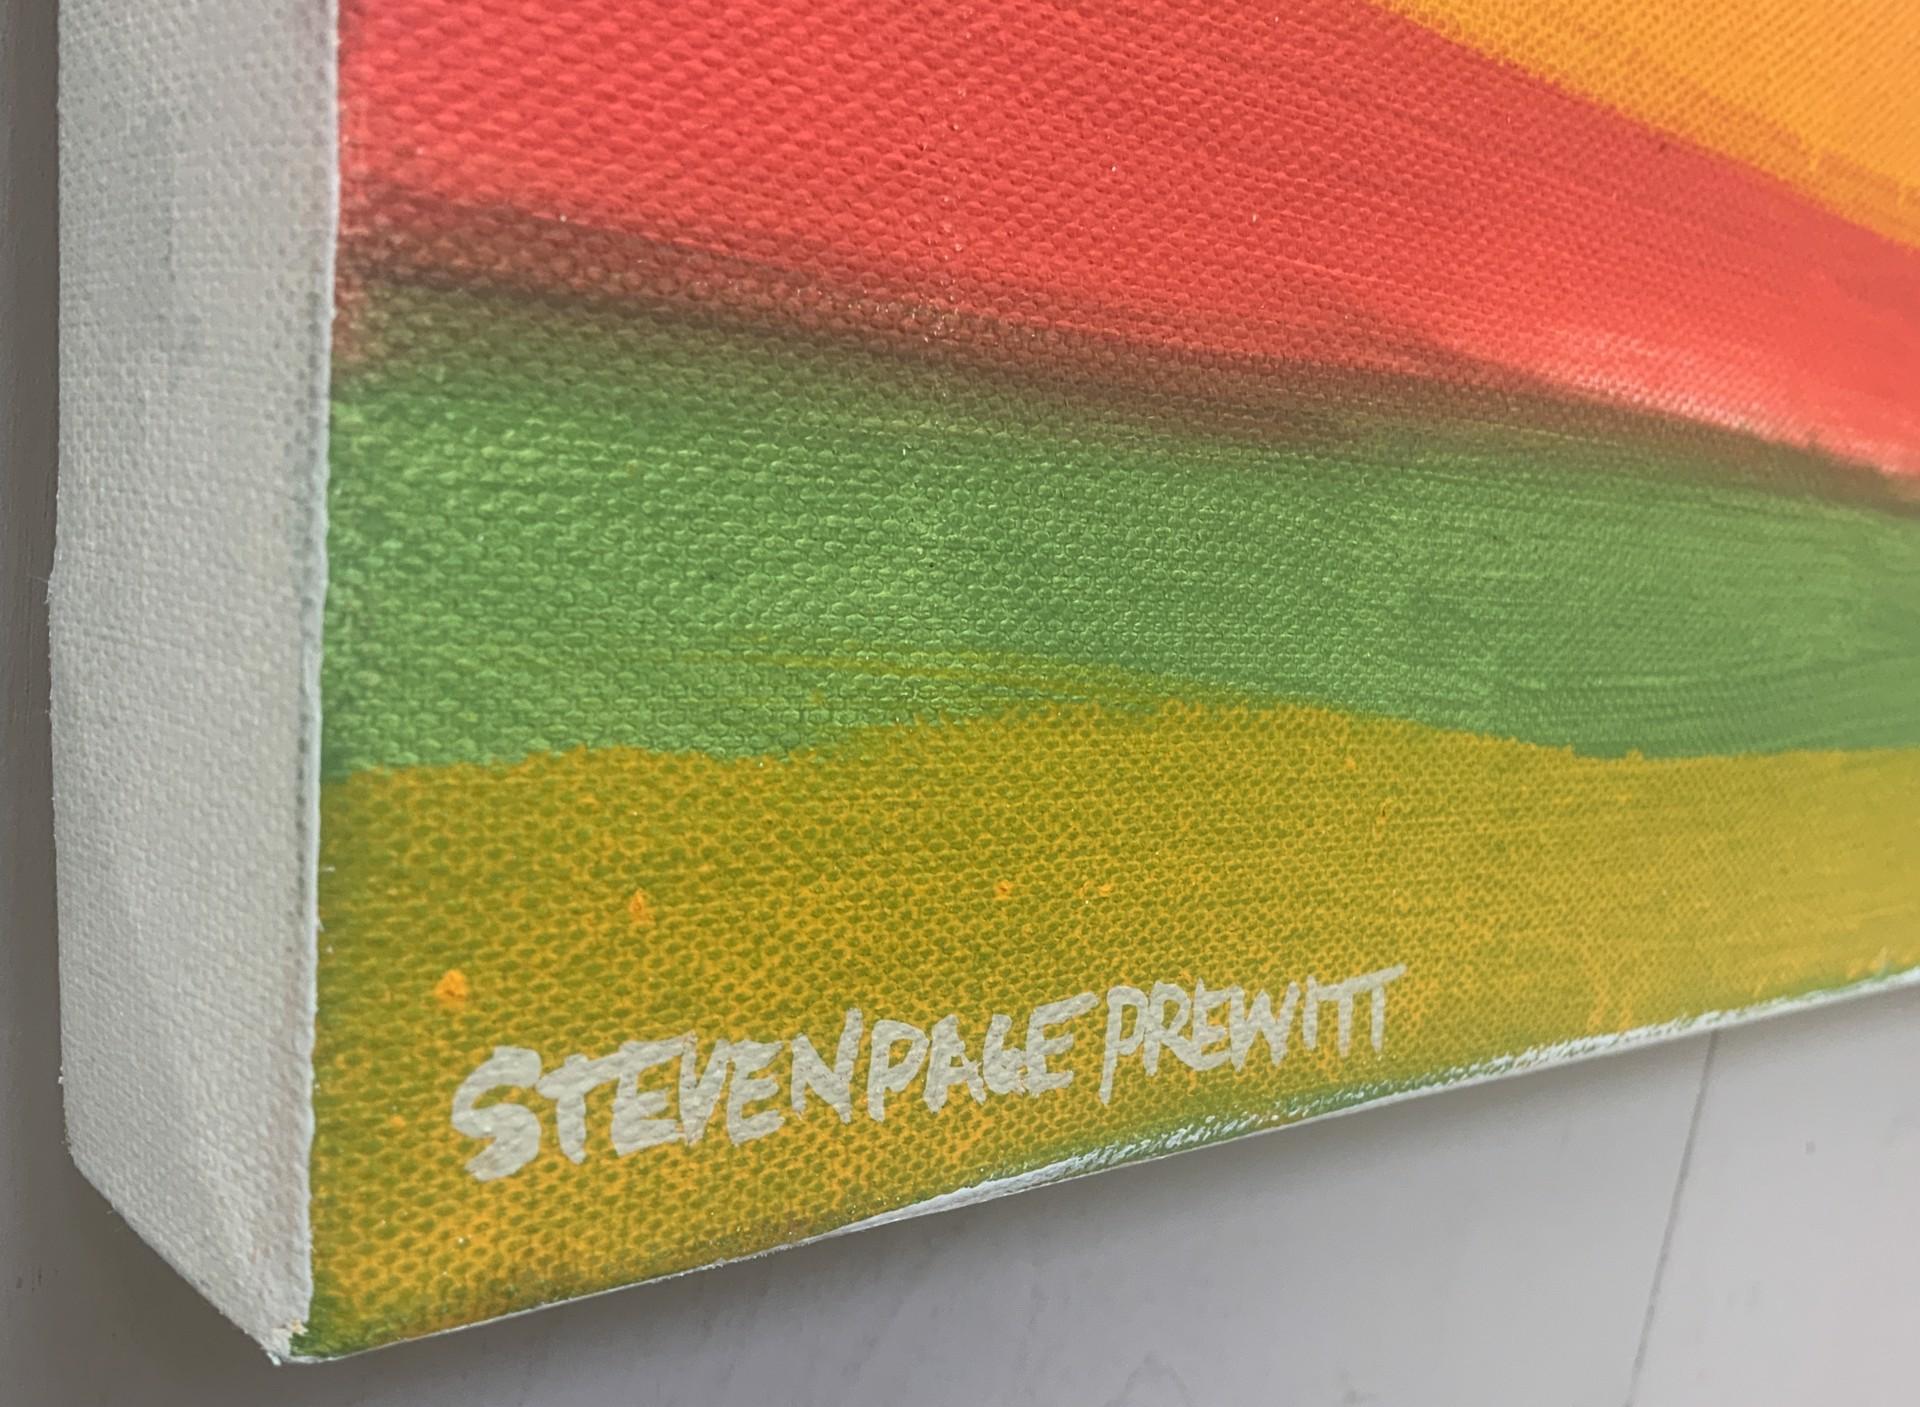 Cheap Beach Chair 1 by stevenpage prewitt